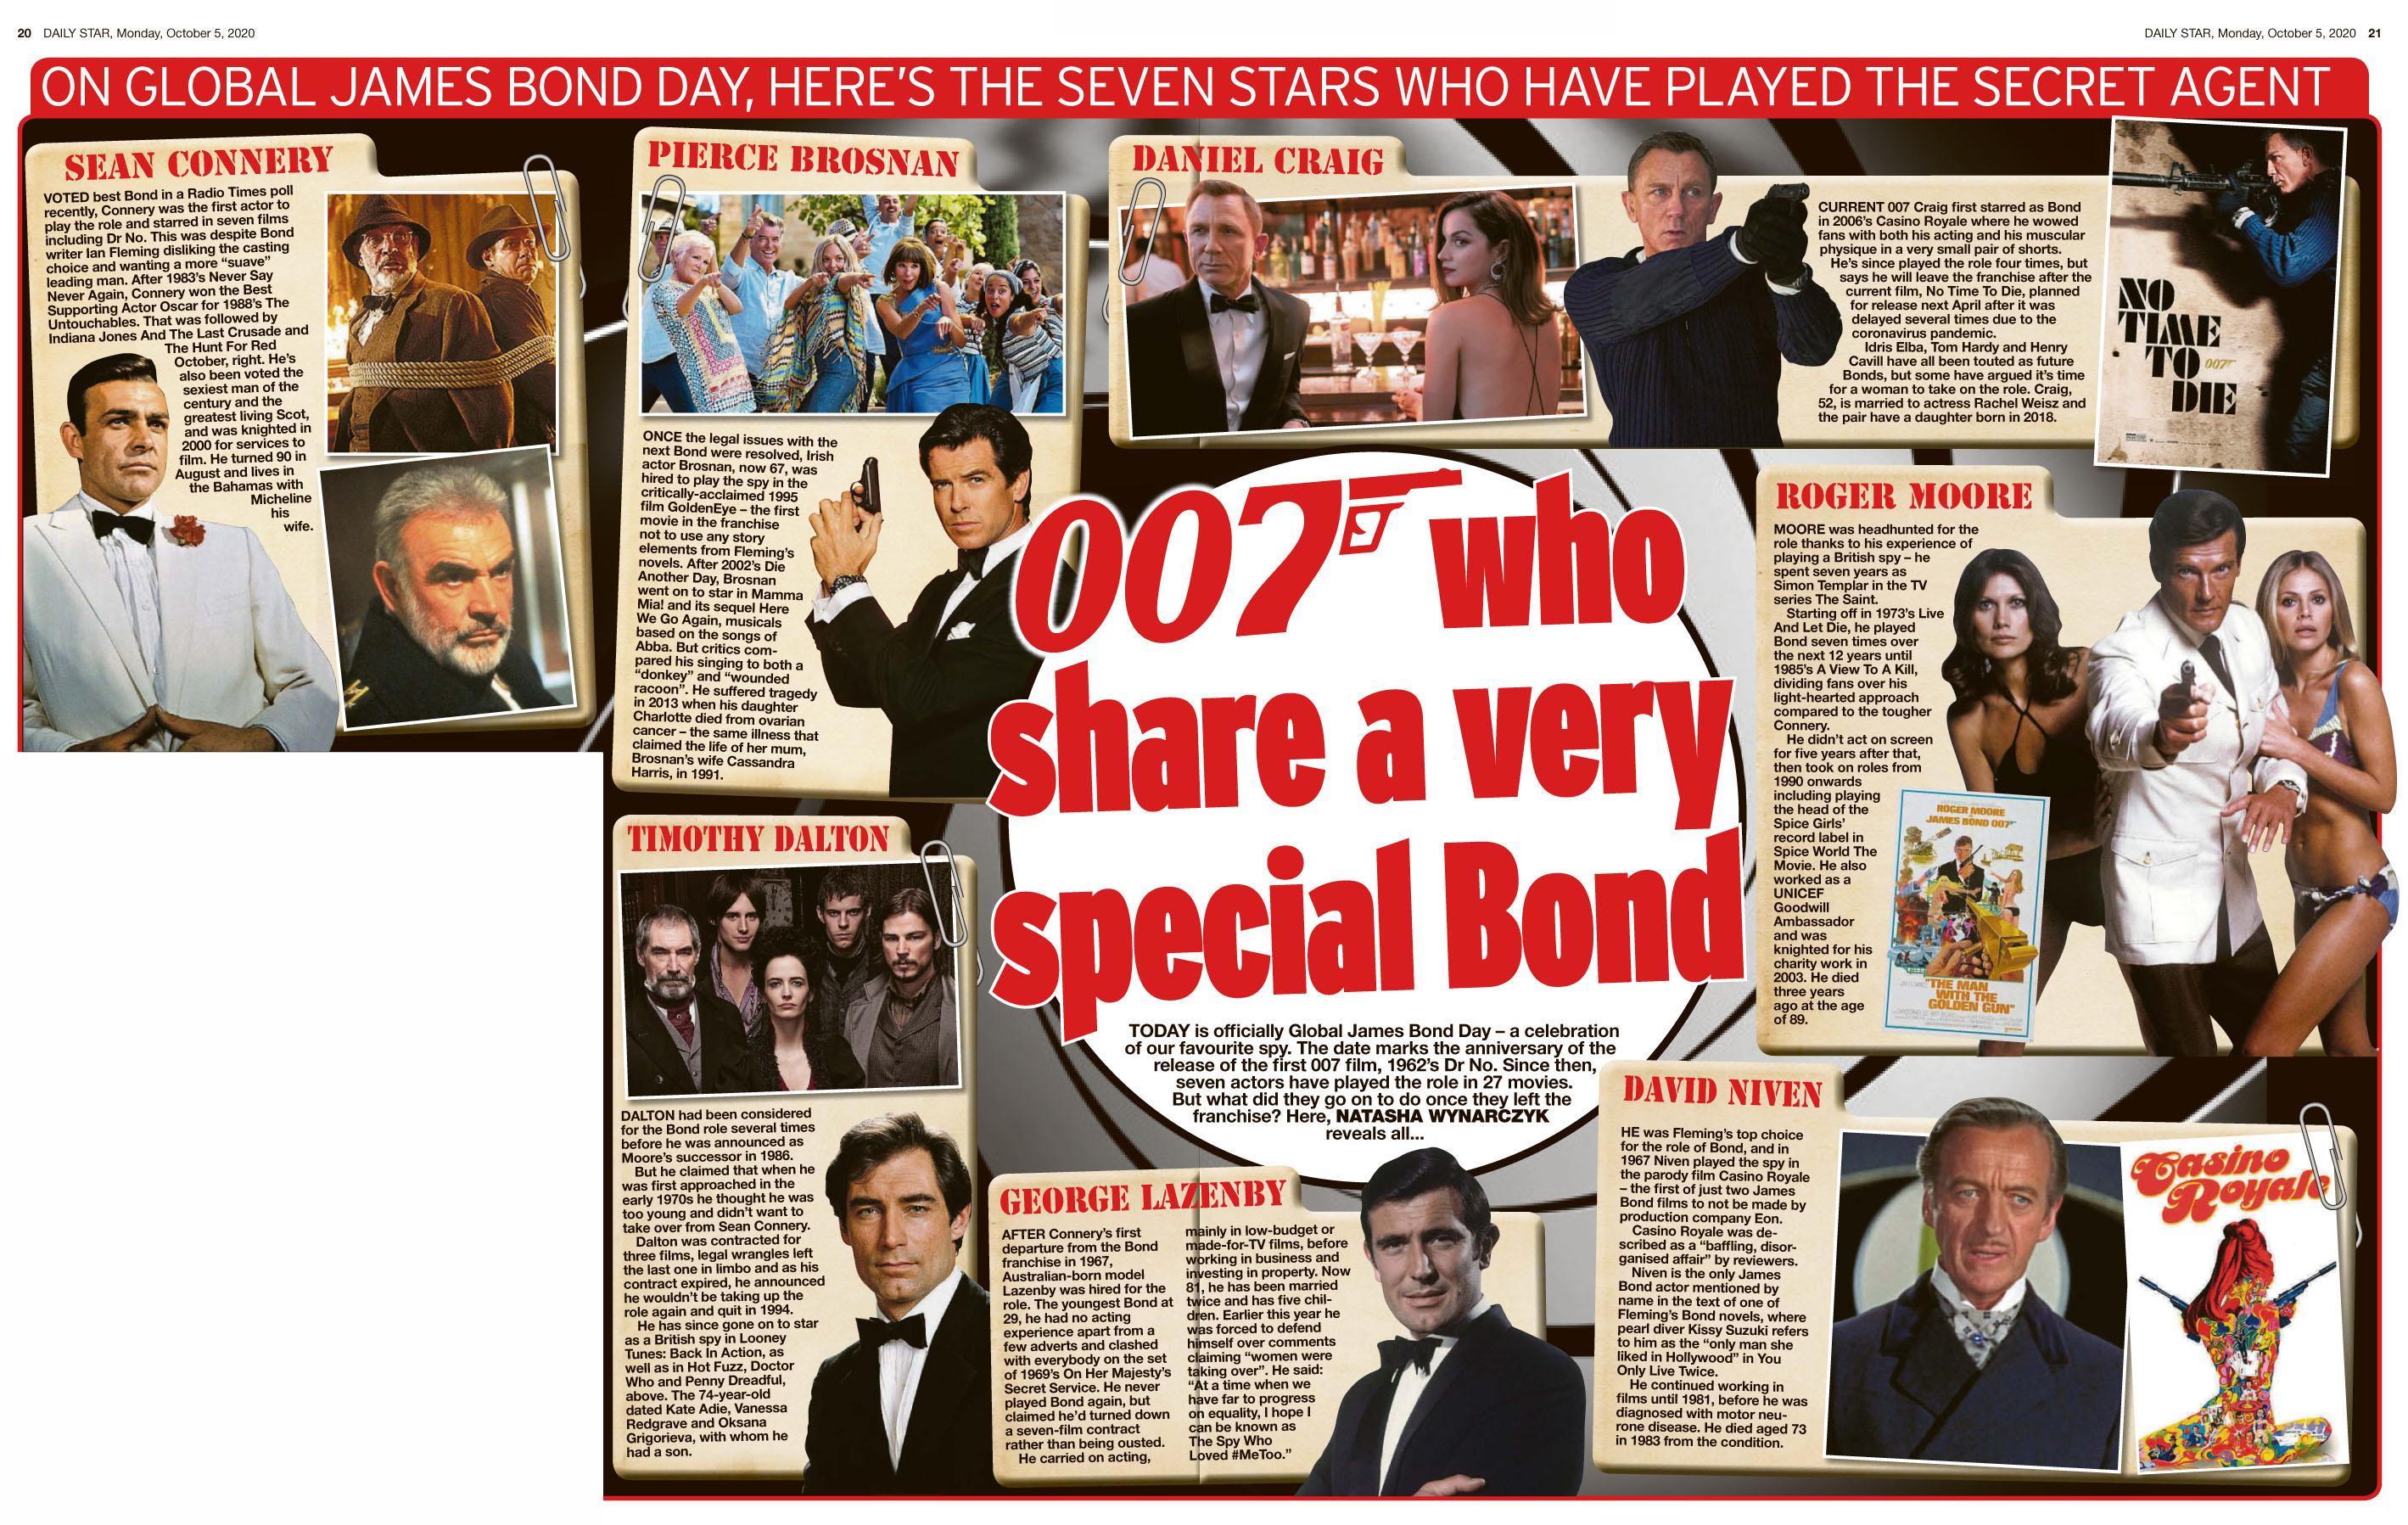 DStar 201005 Bond.jpg